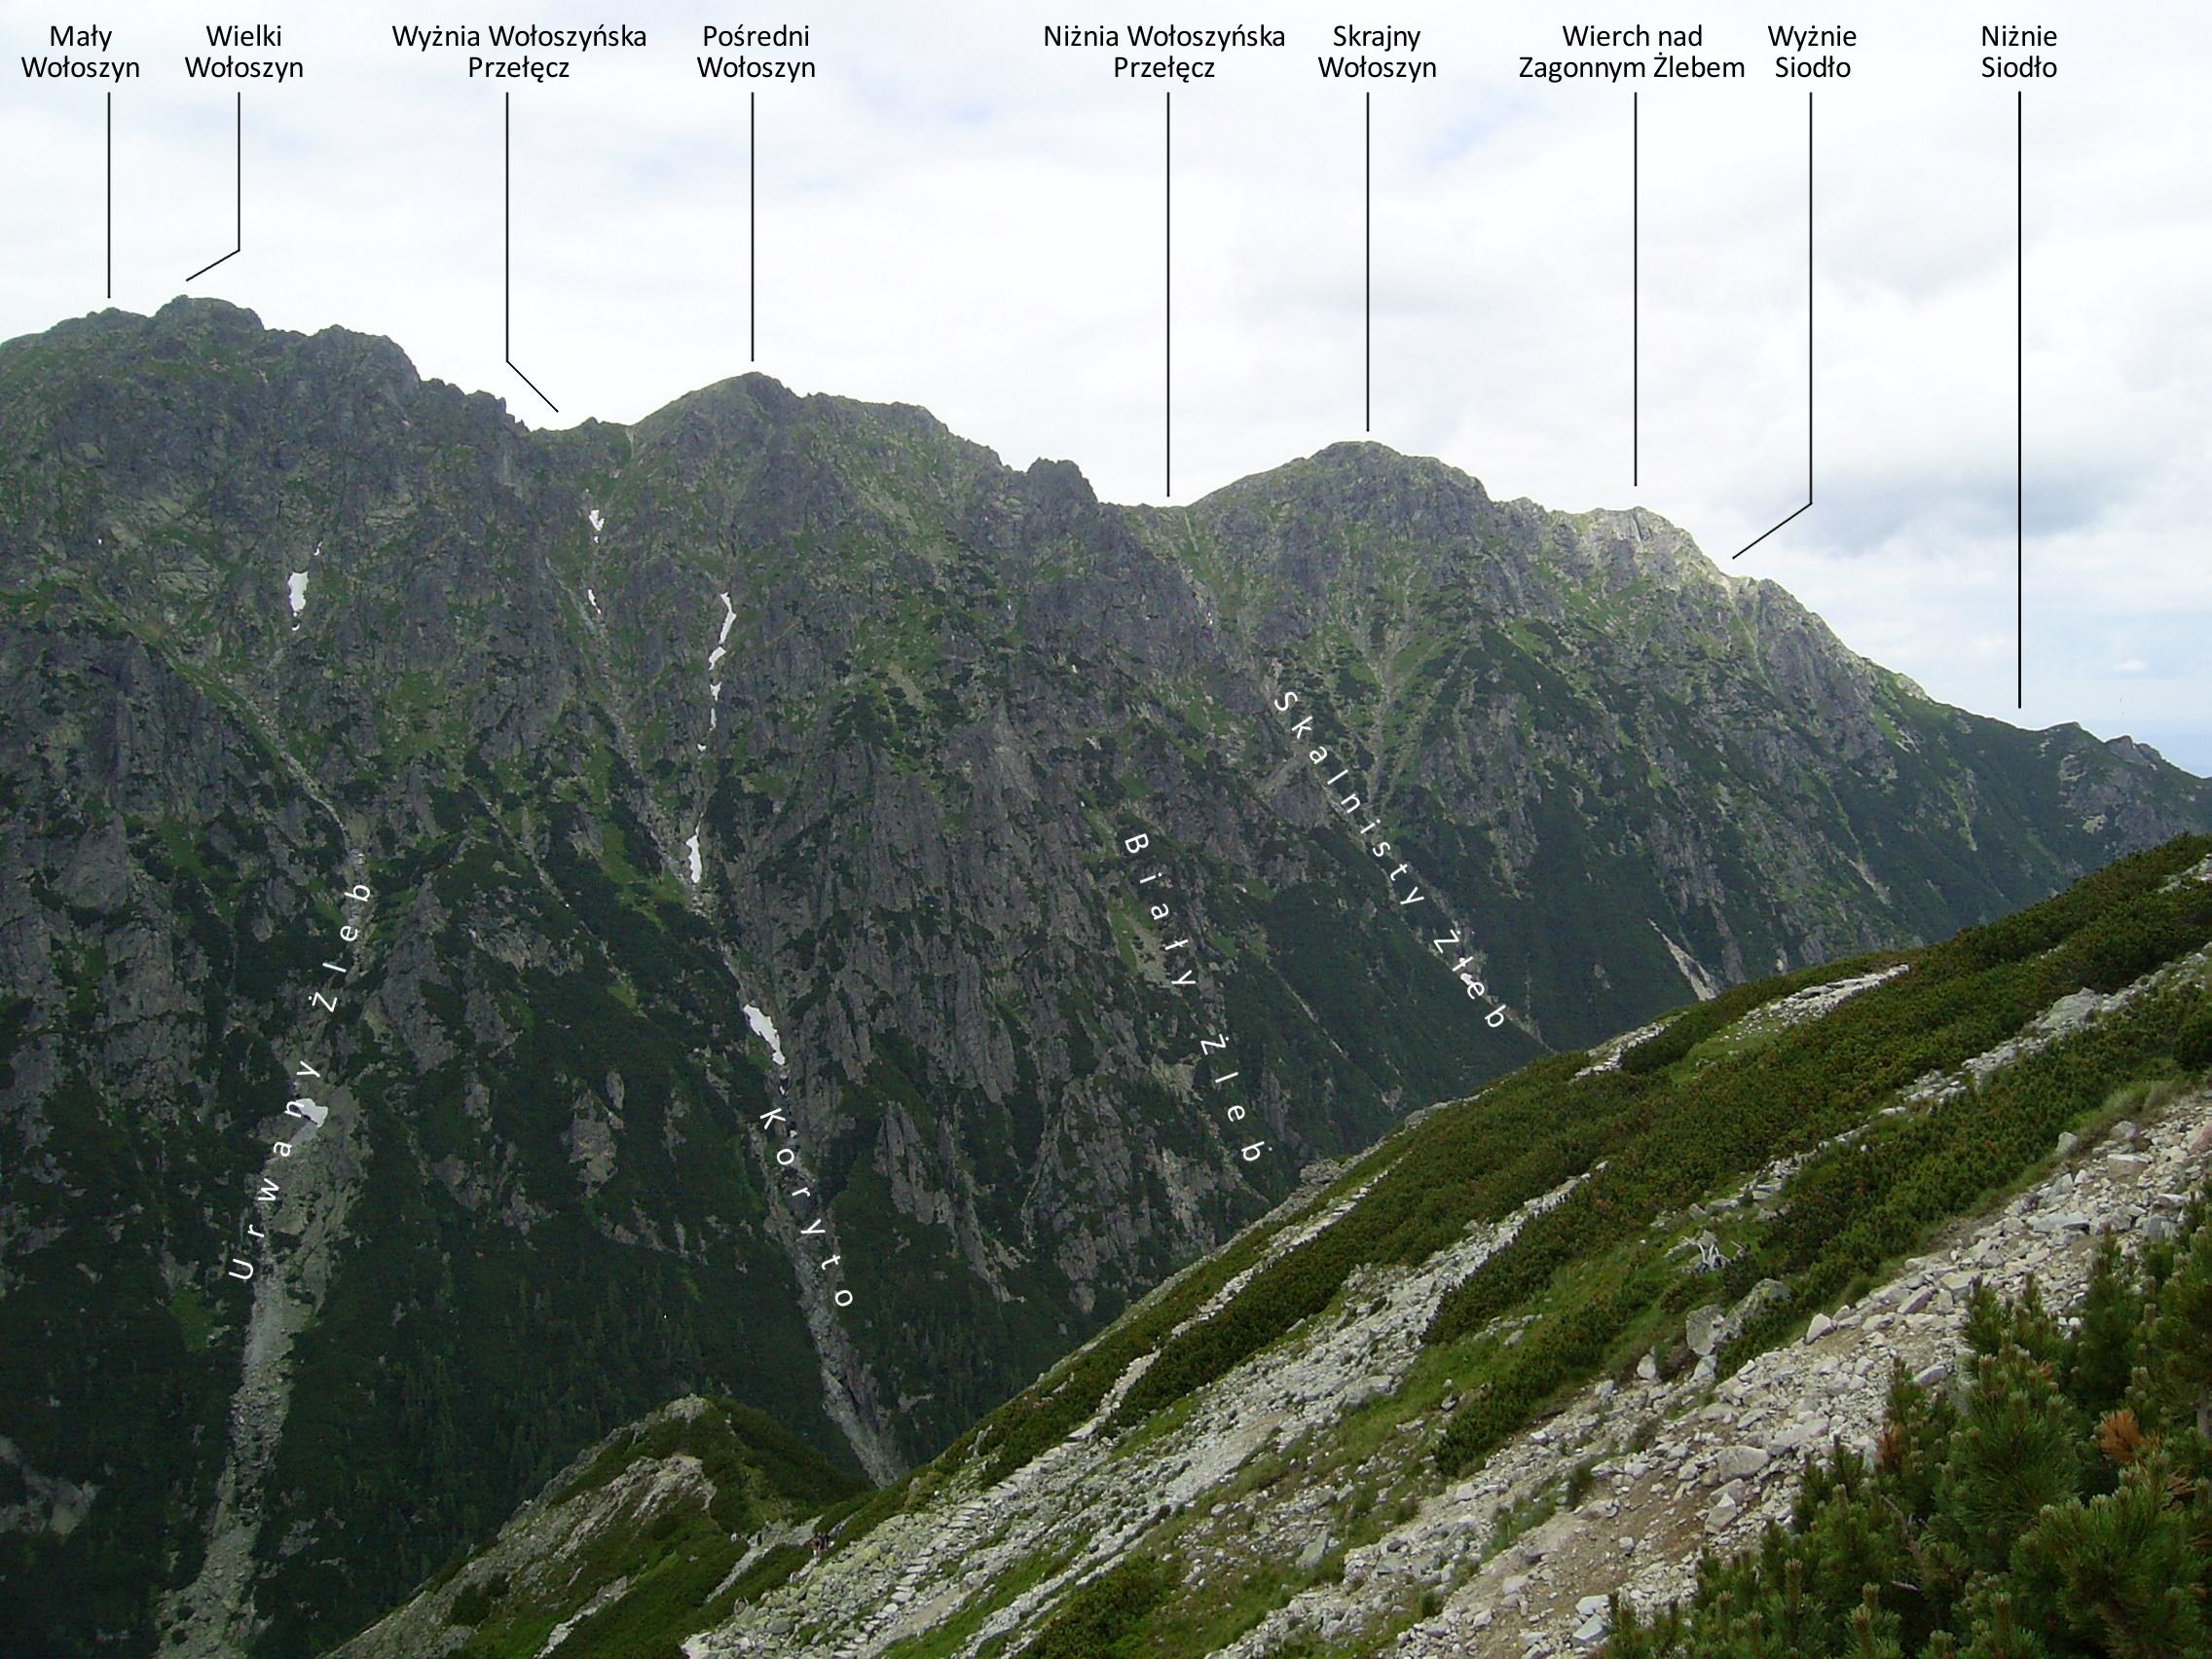 Wołoszyn widziany ze Świstówki, fot. Krzysztof Dudzik, źródło: Wikimedia, GNU